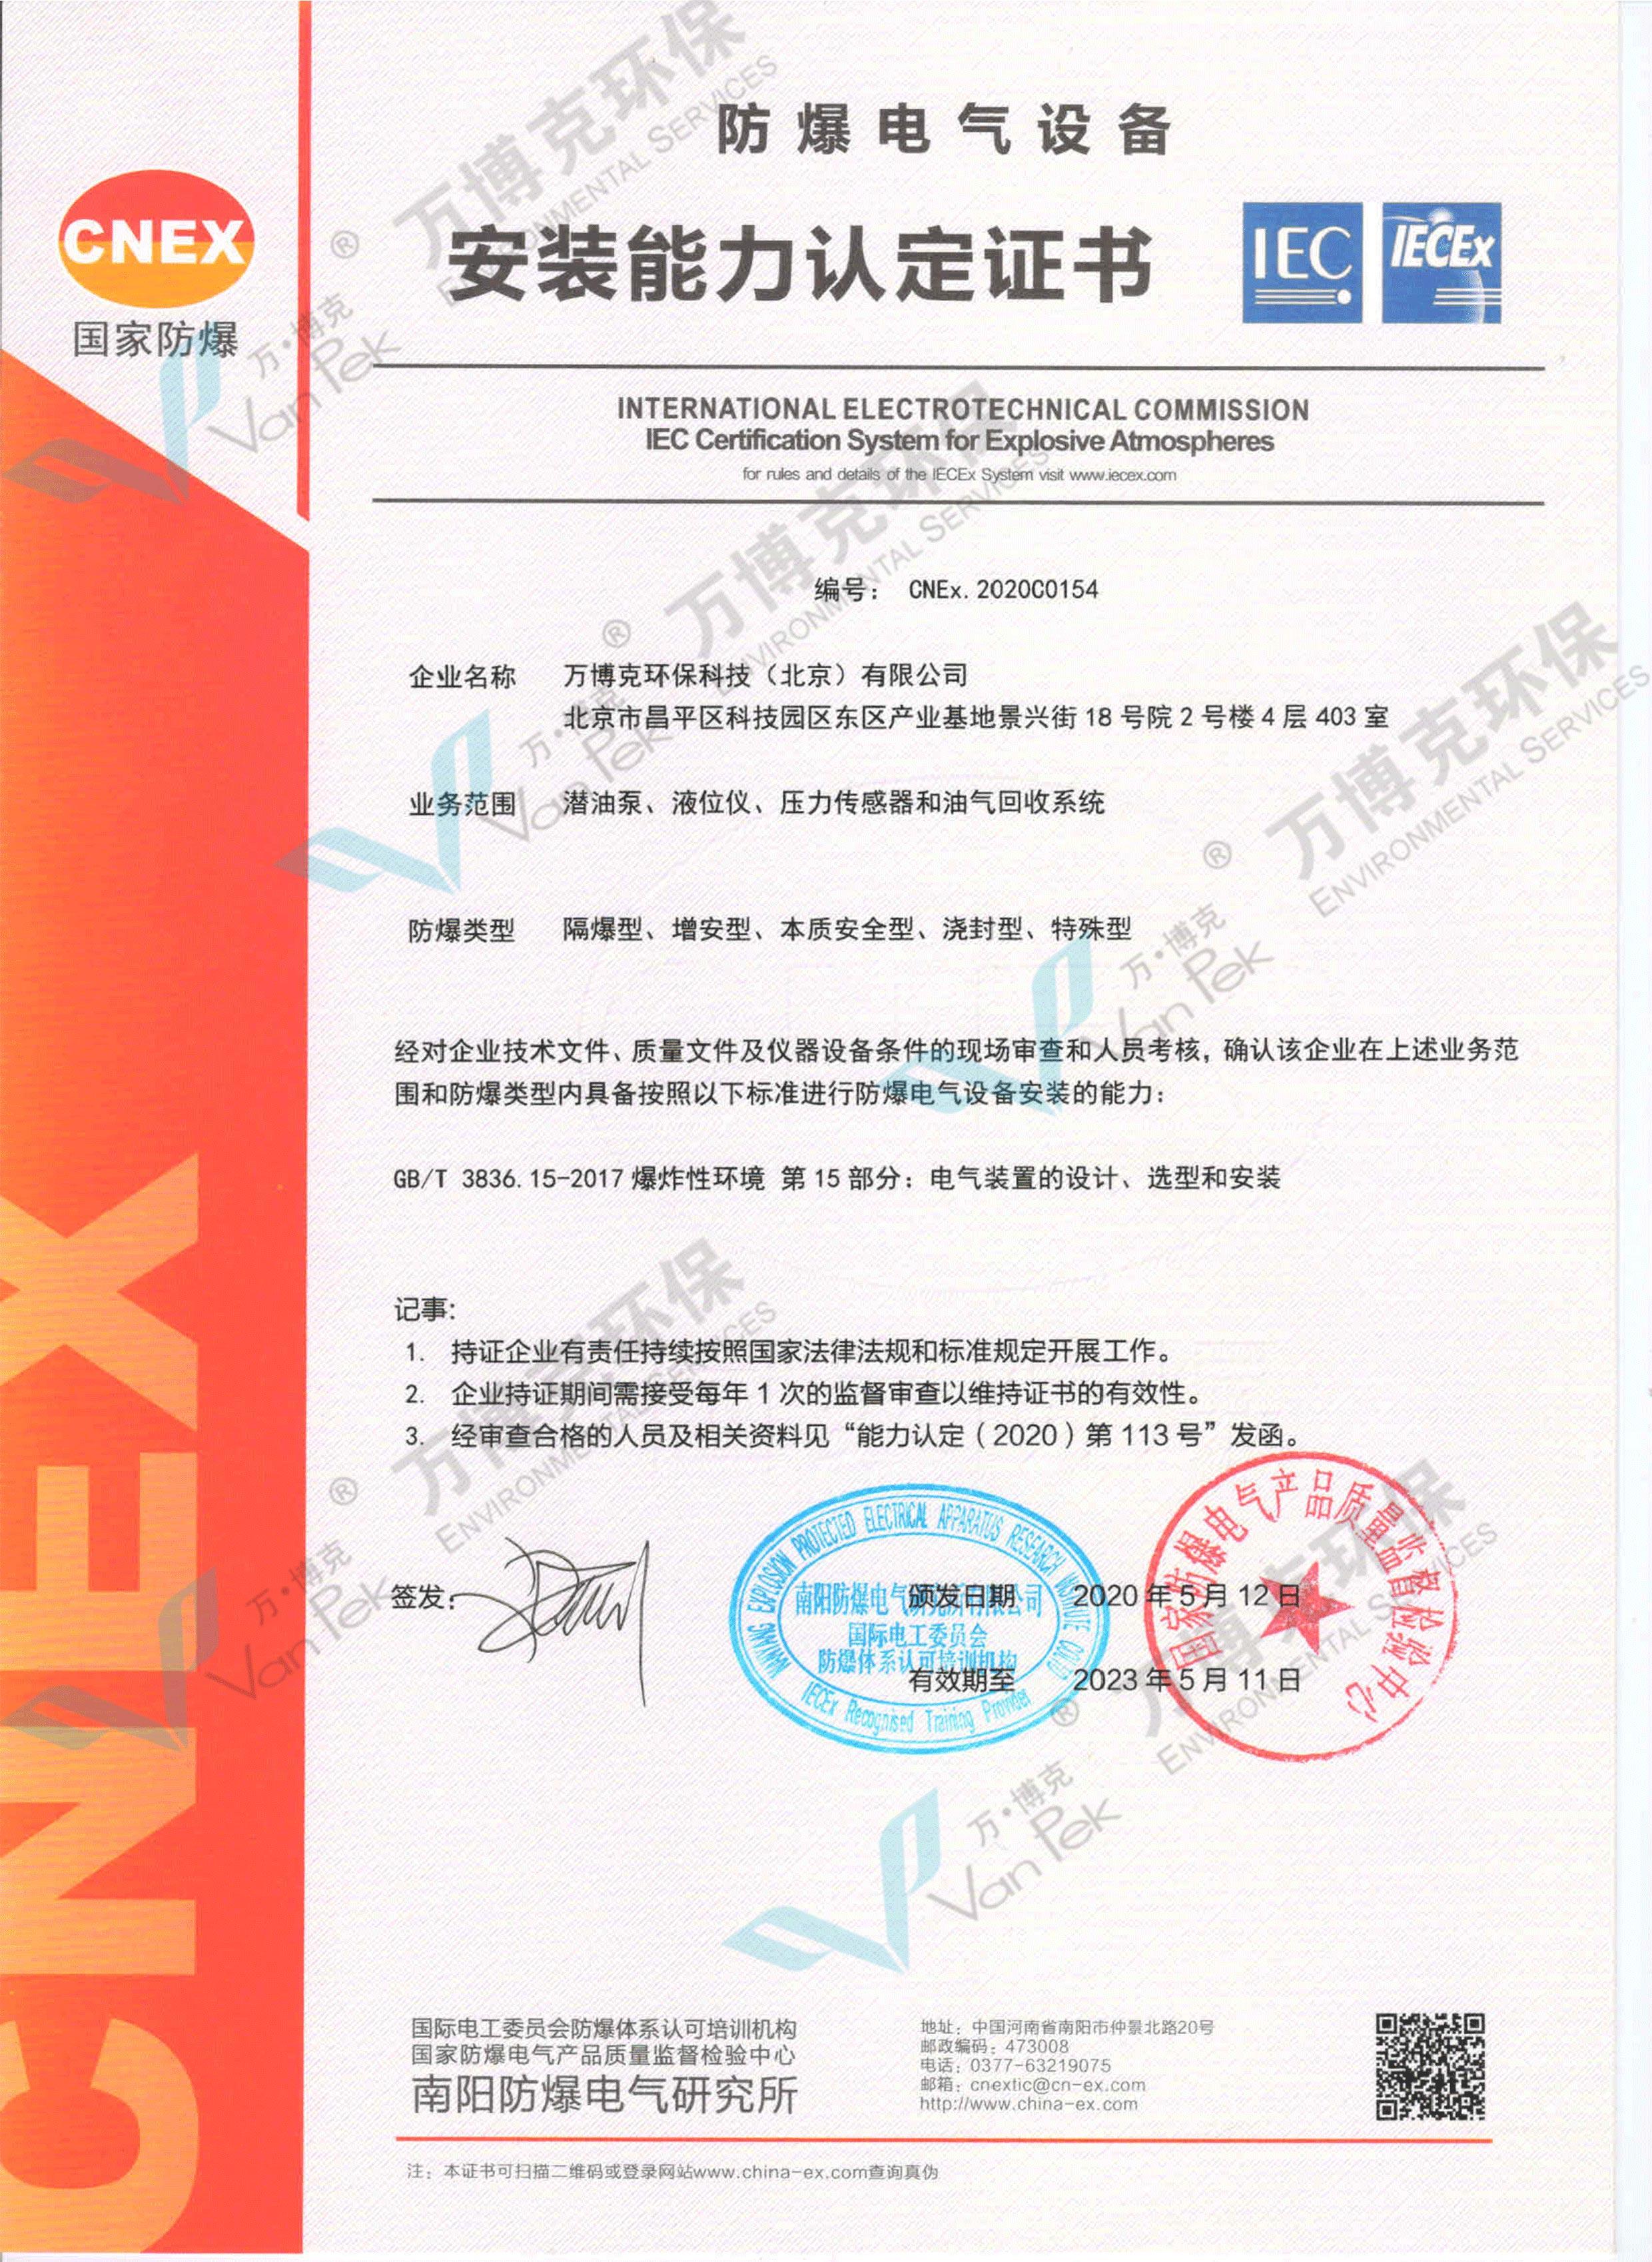 2020年5月,万博克荣获国家防爆电气设备安装能力证书和维护能力证书